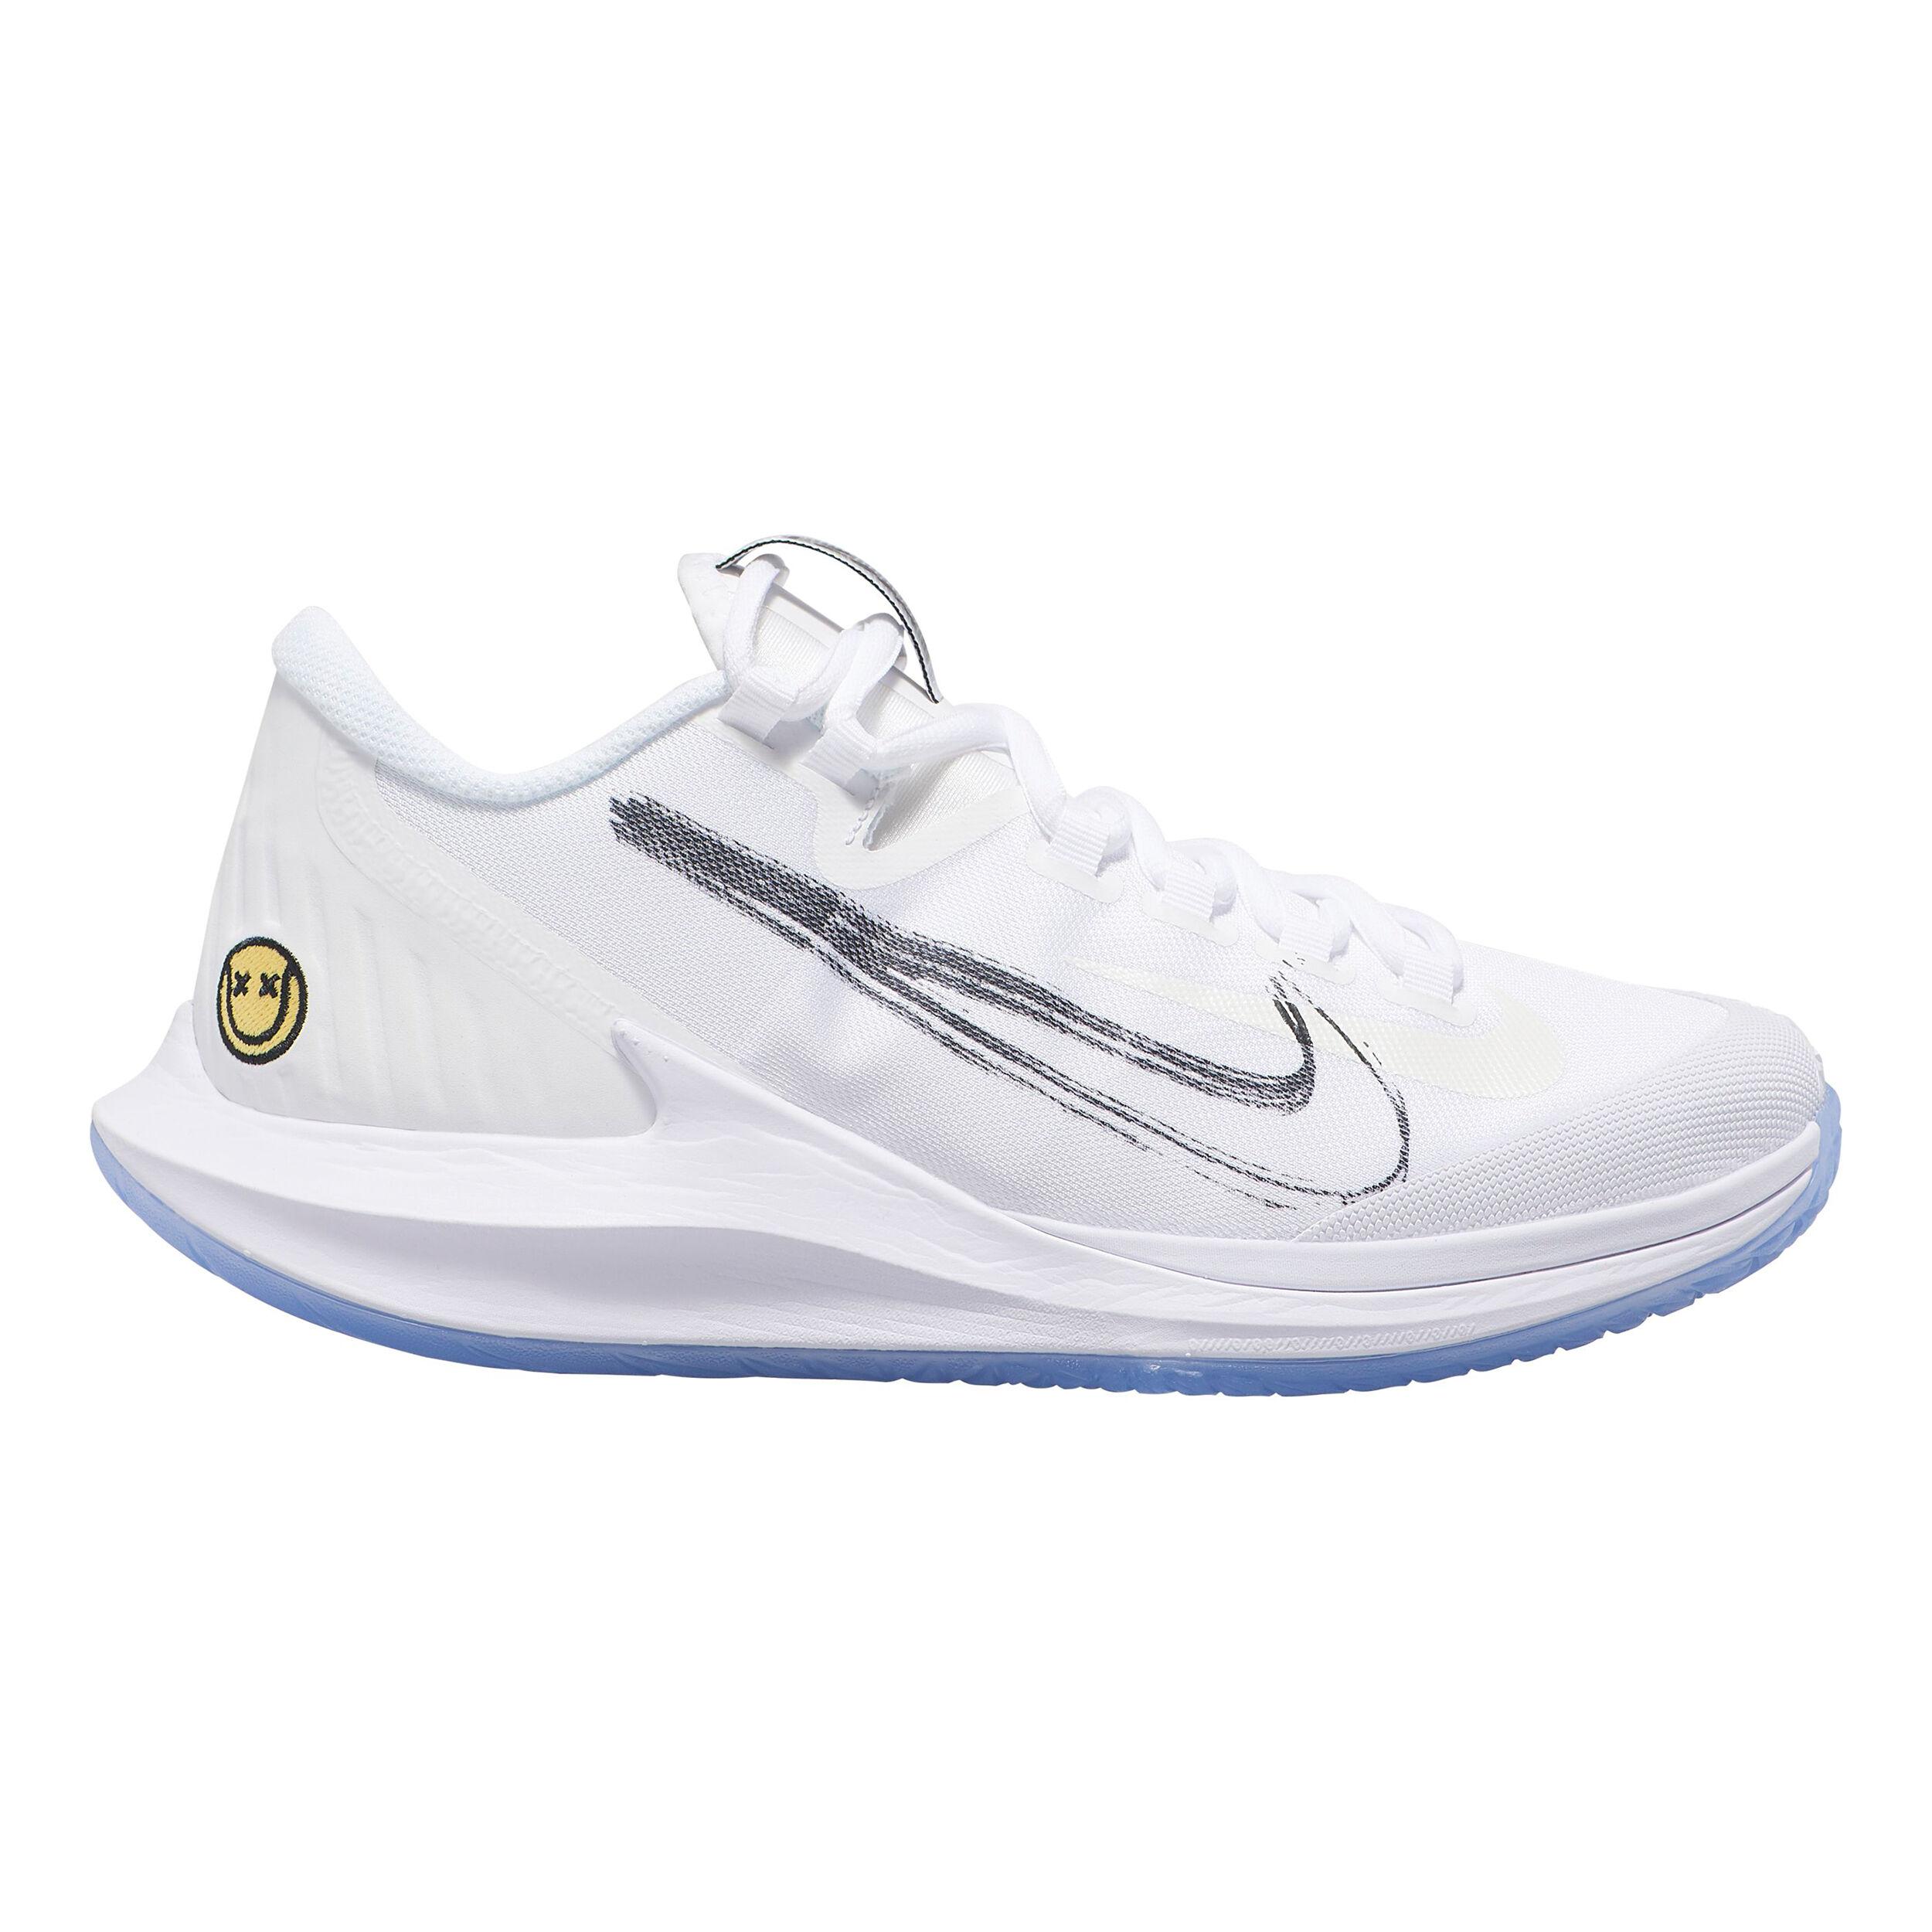 Nike Air Zoom Zero Chaussures Toutes Surfaces Femmes Blanc , Bleu Clair